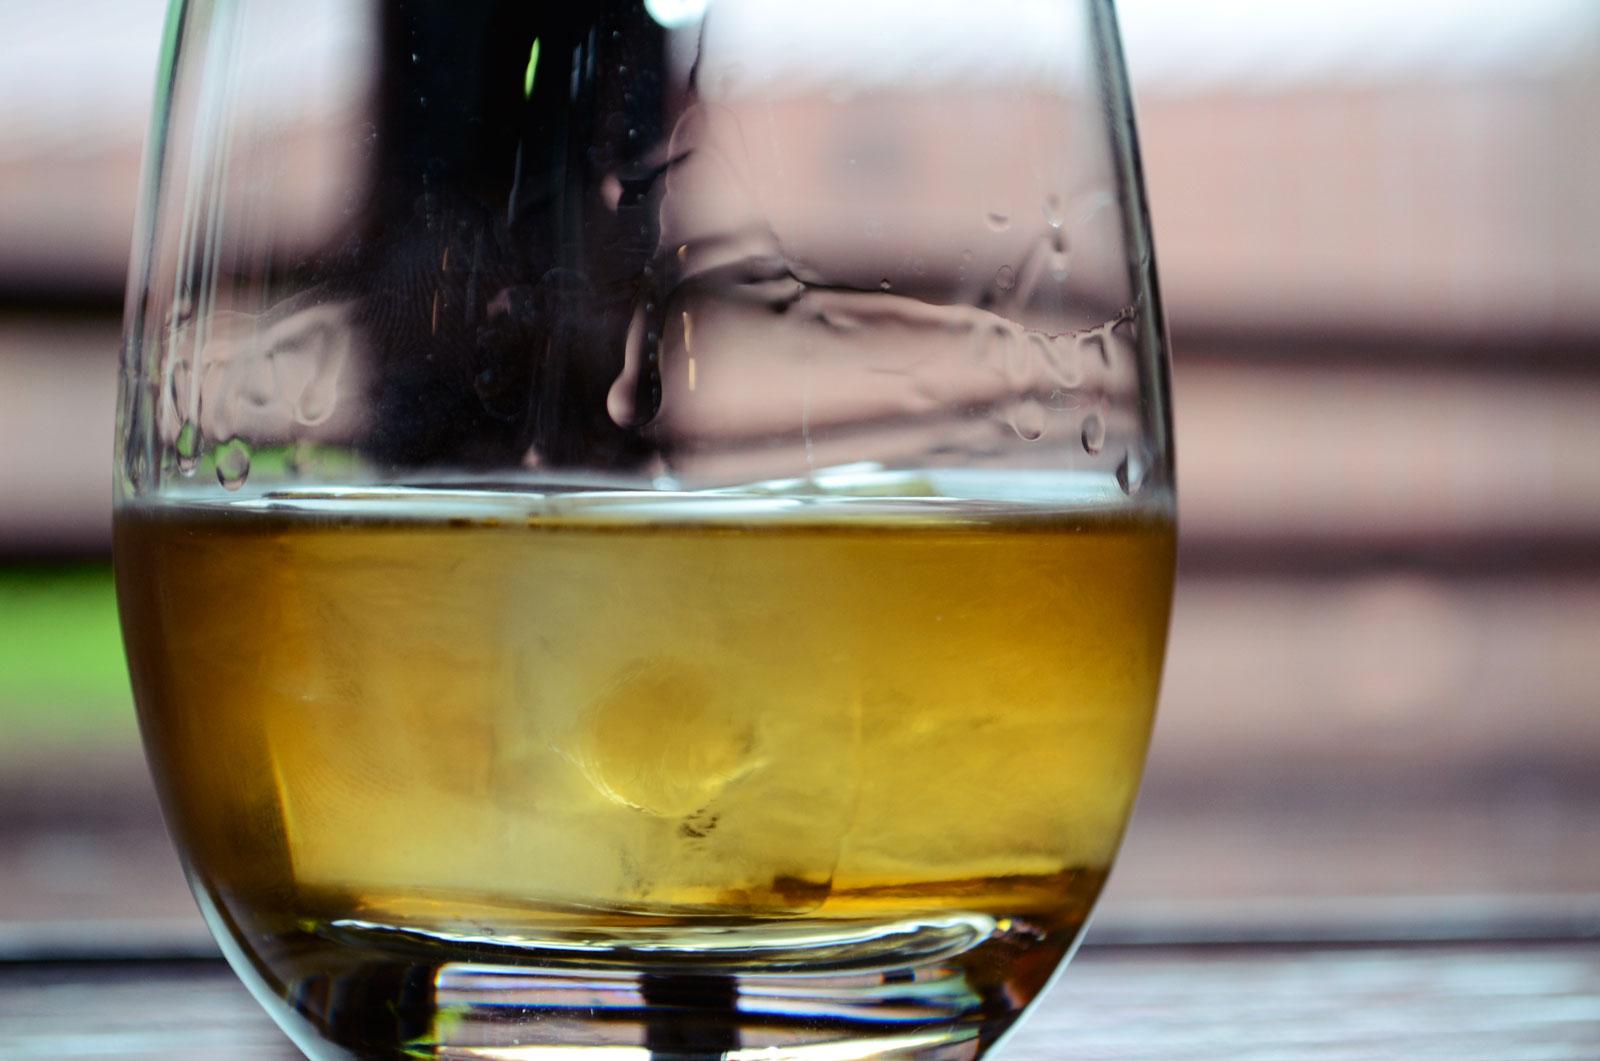 アルコール使用の手引き - meti.go.jp